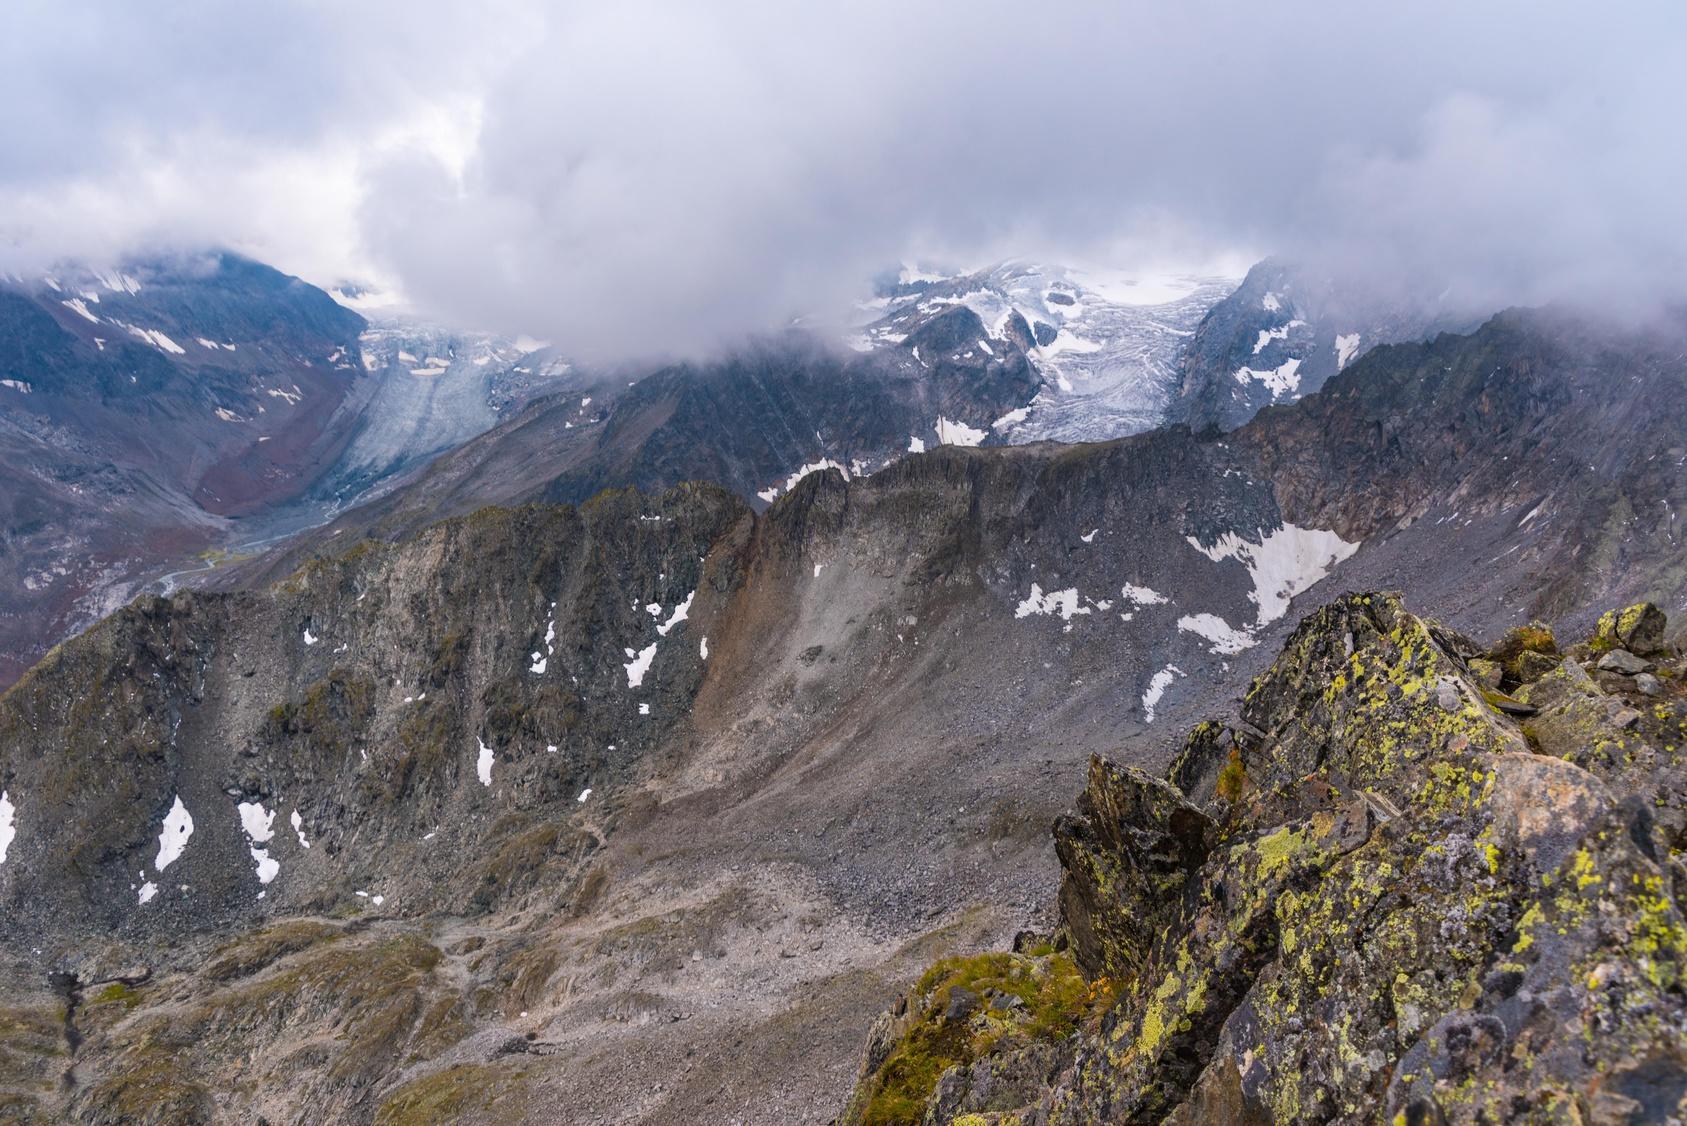 Wenige Ortsansässige kannten sichere Passagen über die Berge. (Foto: Fotolia/driendl)